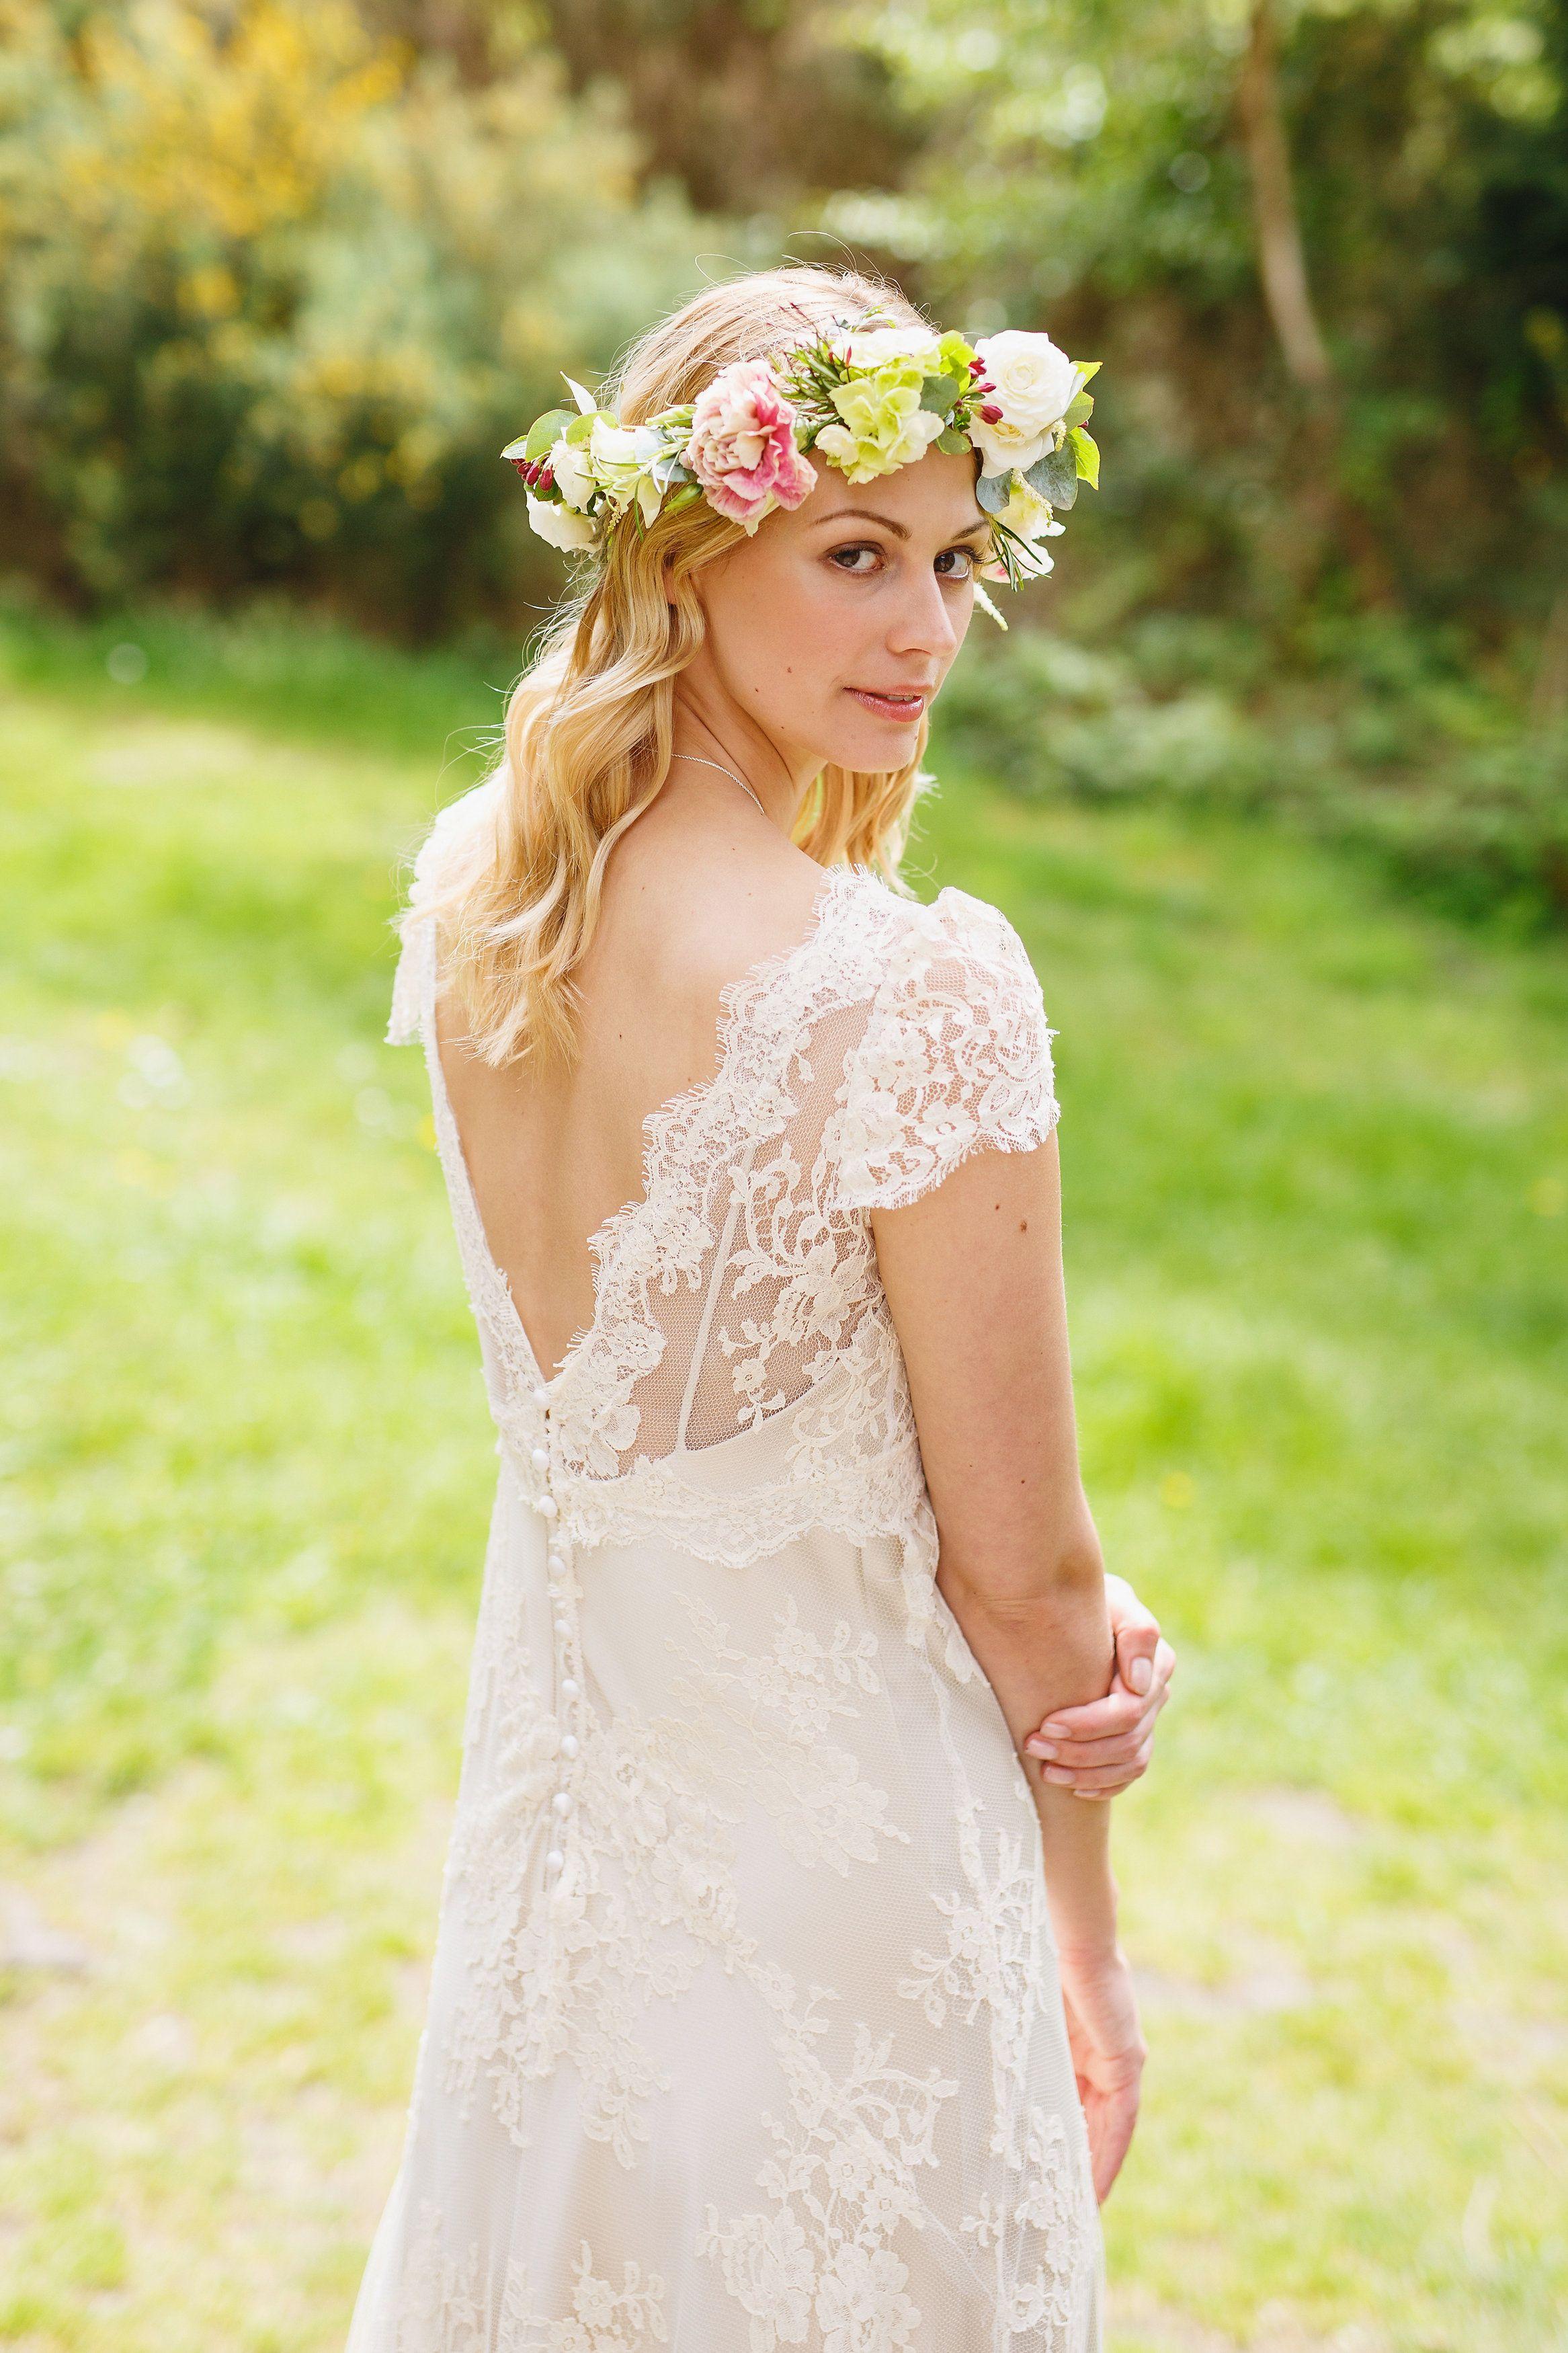 Lace boho wedding dress by Dana Bolton | Vestido ❤ | Pinterest ...